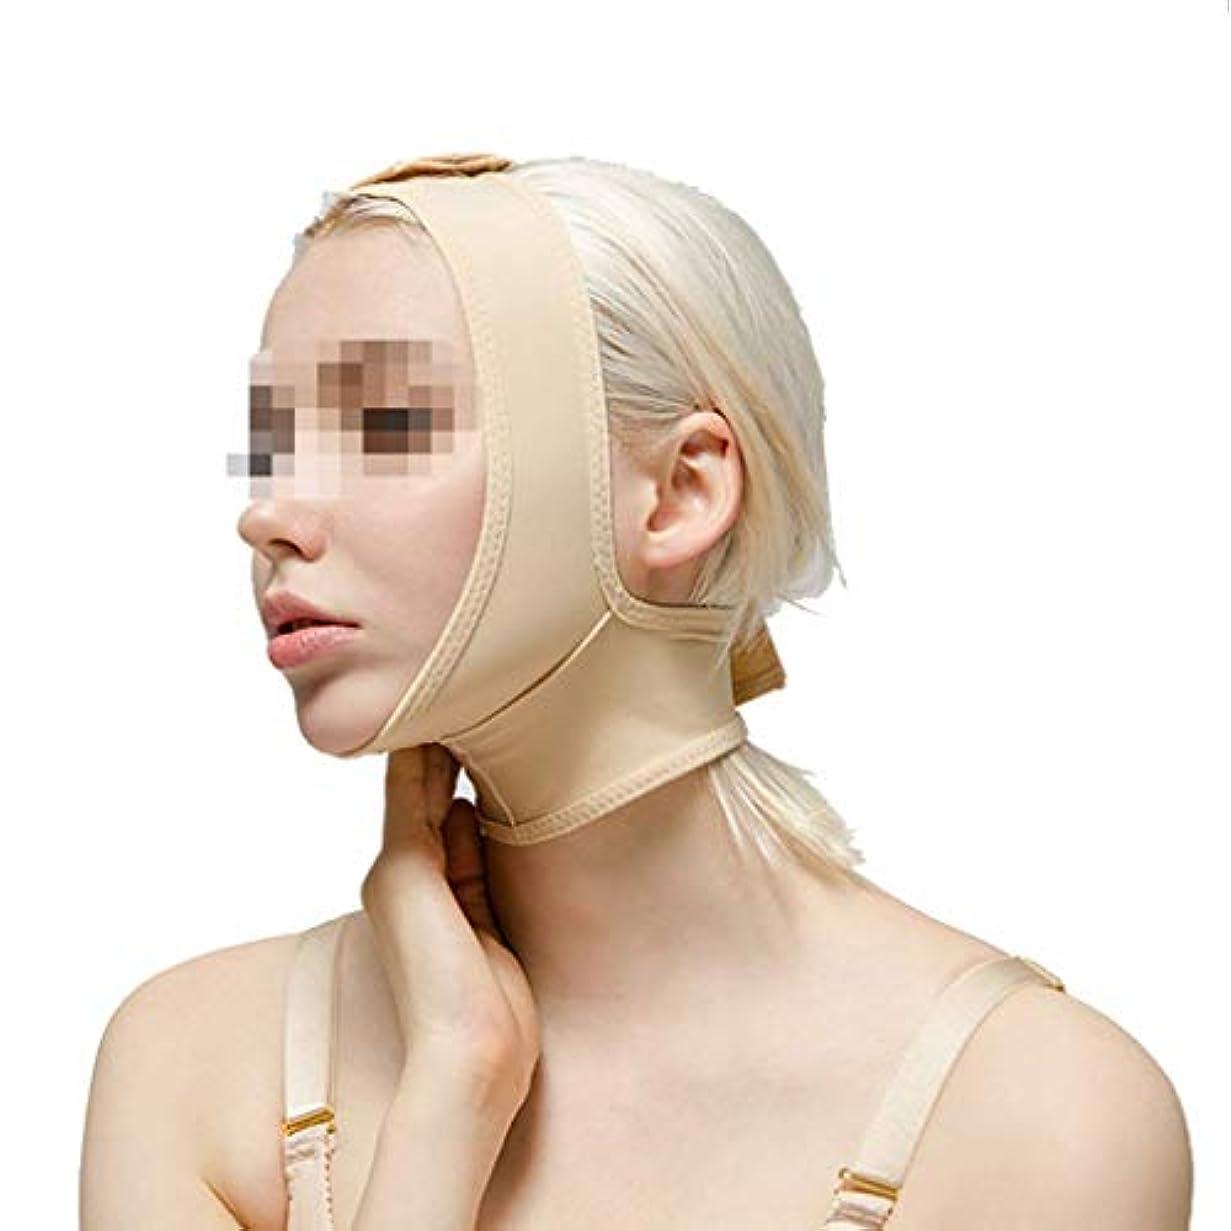 パン屋日没脅威術後伸縮性スリーブ、下顎束フェイスバンデージフェイシャルビームダブルチンシンフェイスマスクマルチサイズオプション(サイズ:L),XXL